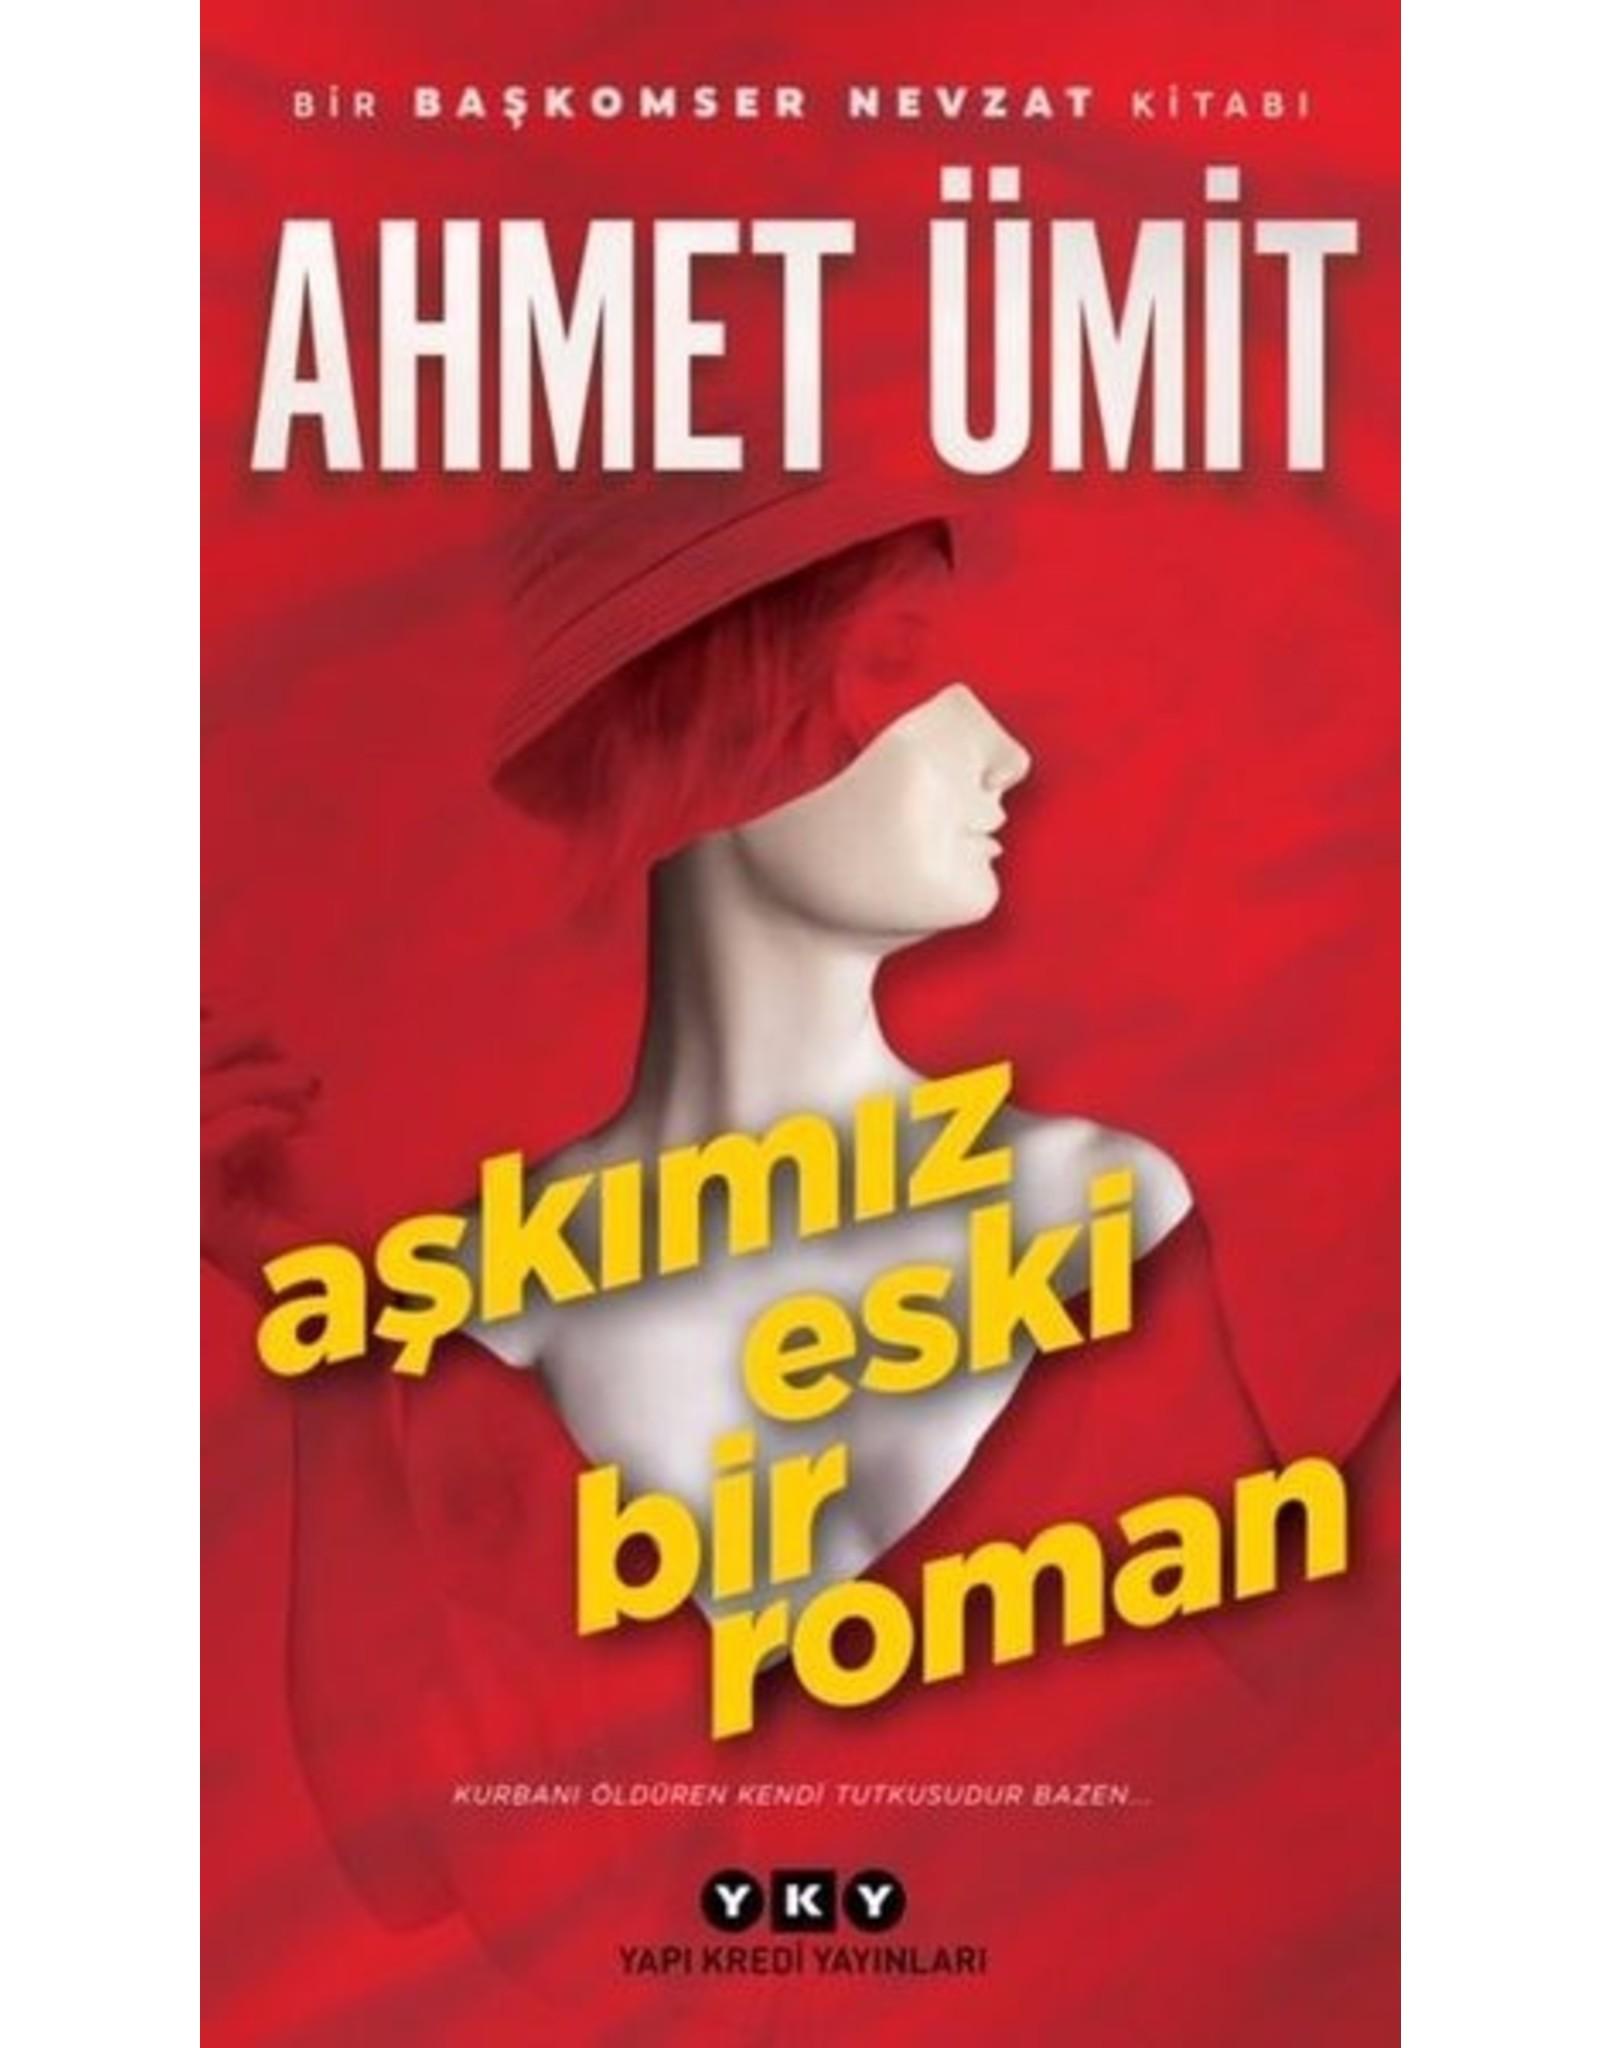 Ahmet Ümit Aşkımız Eski Bir Roman